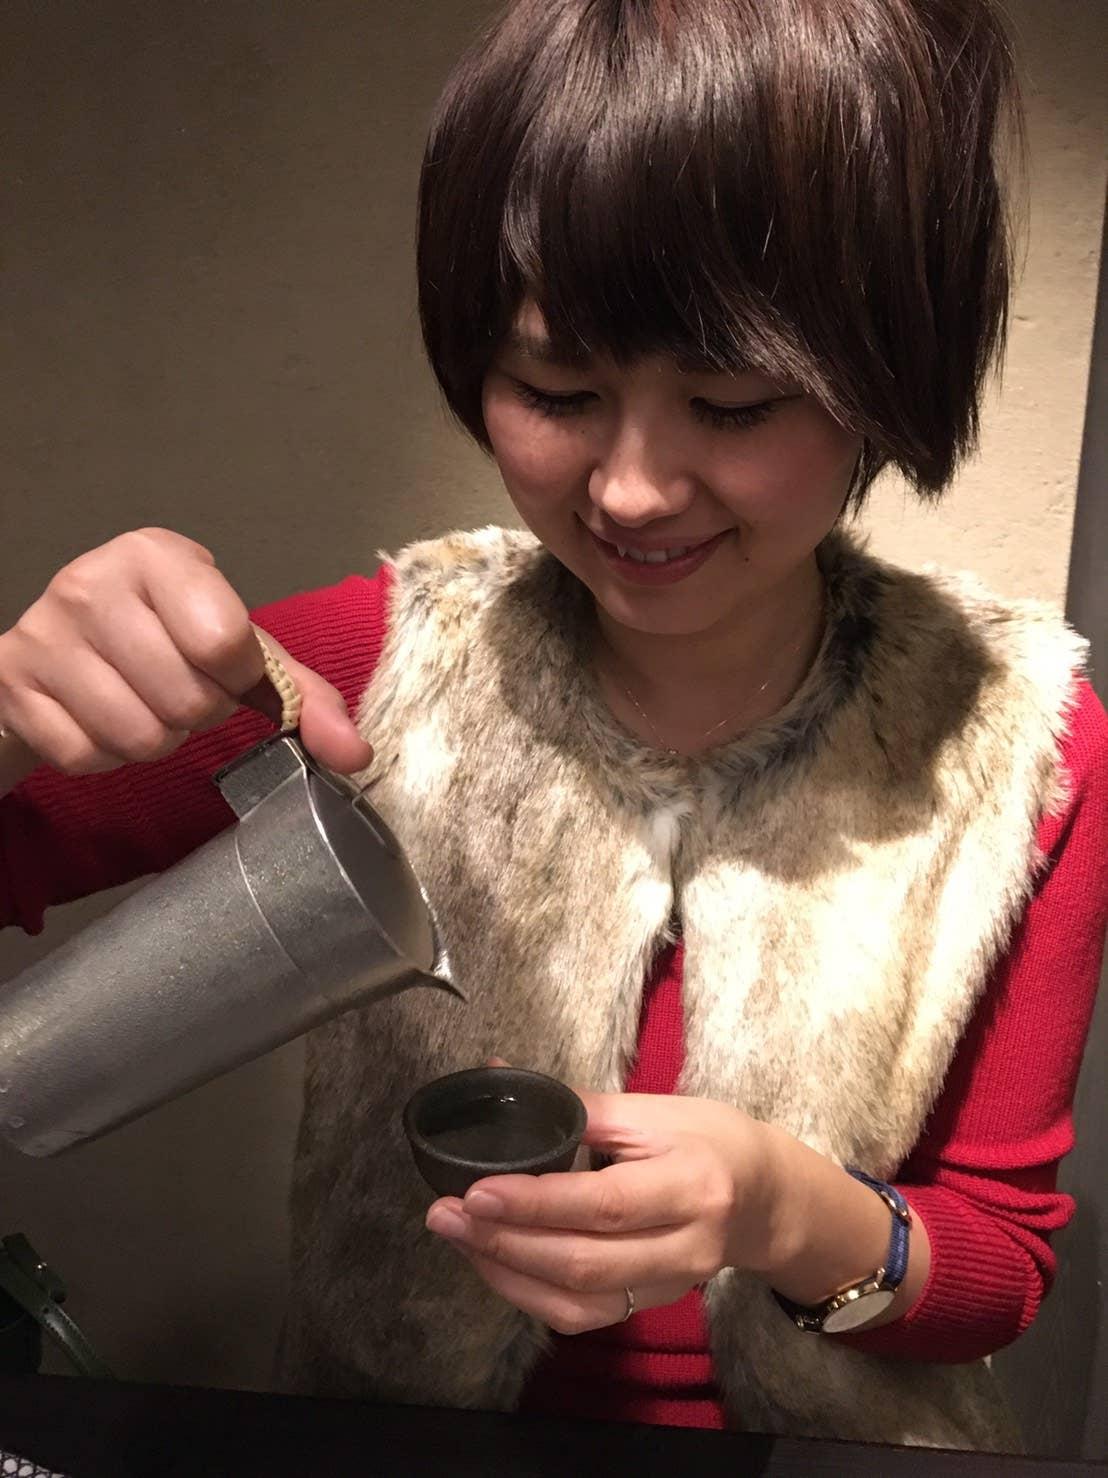 Kanako Noro